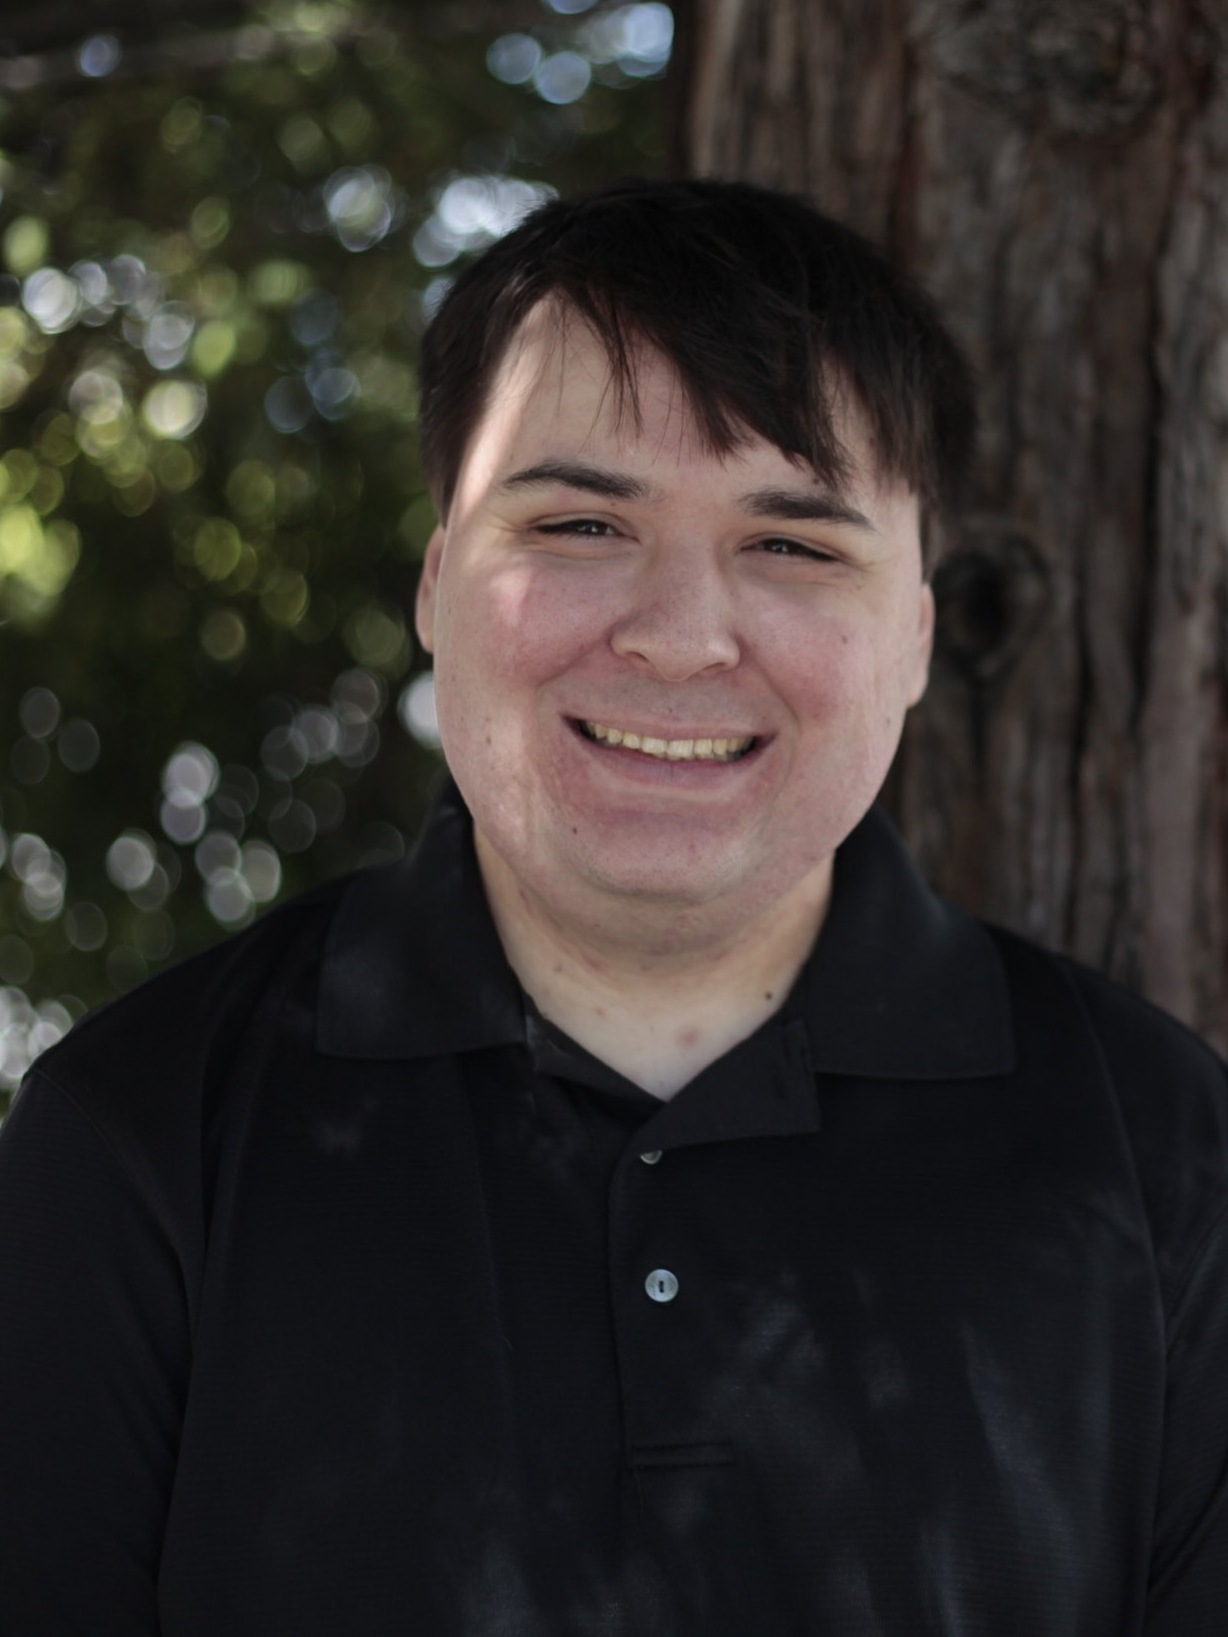 Steven Turner, DUI Counselor